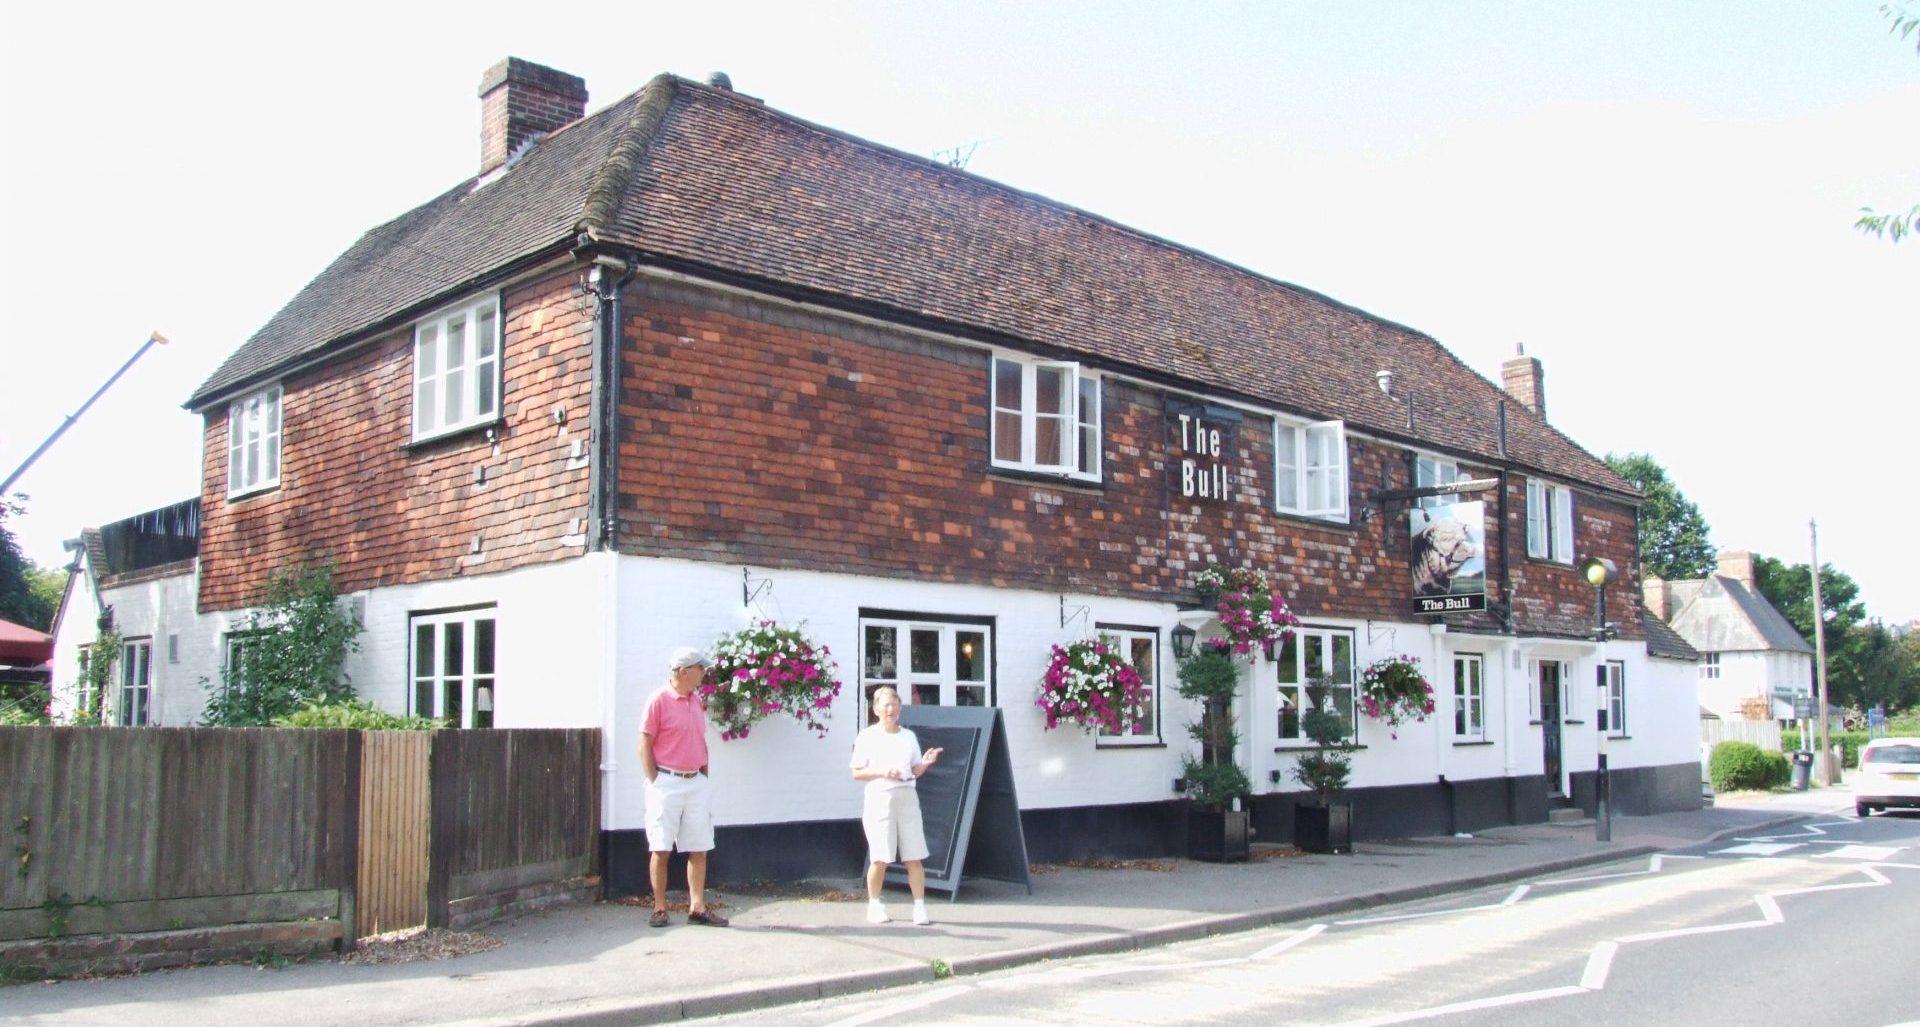 The Bull, Otford